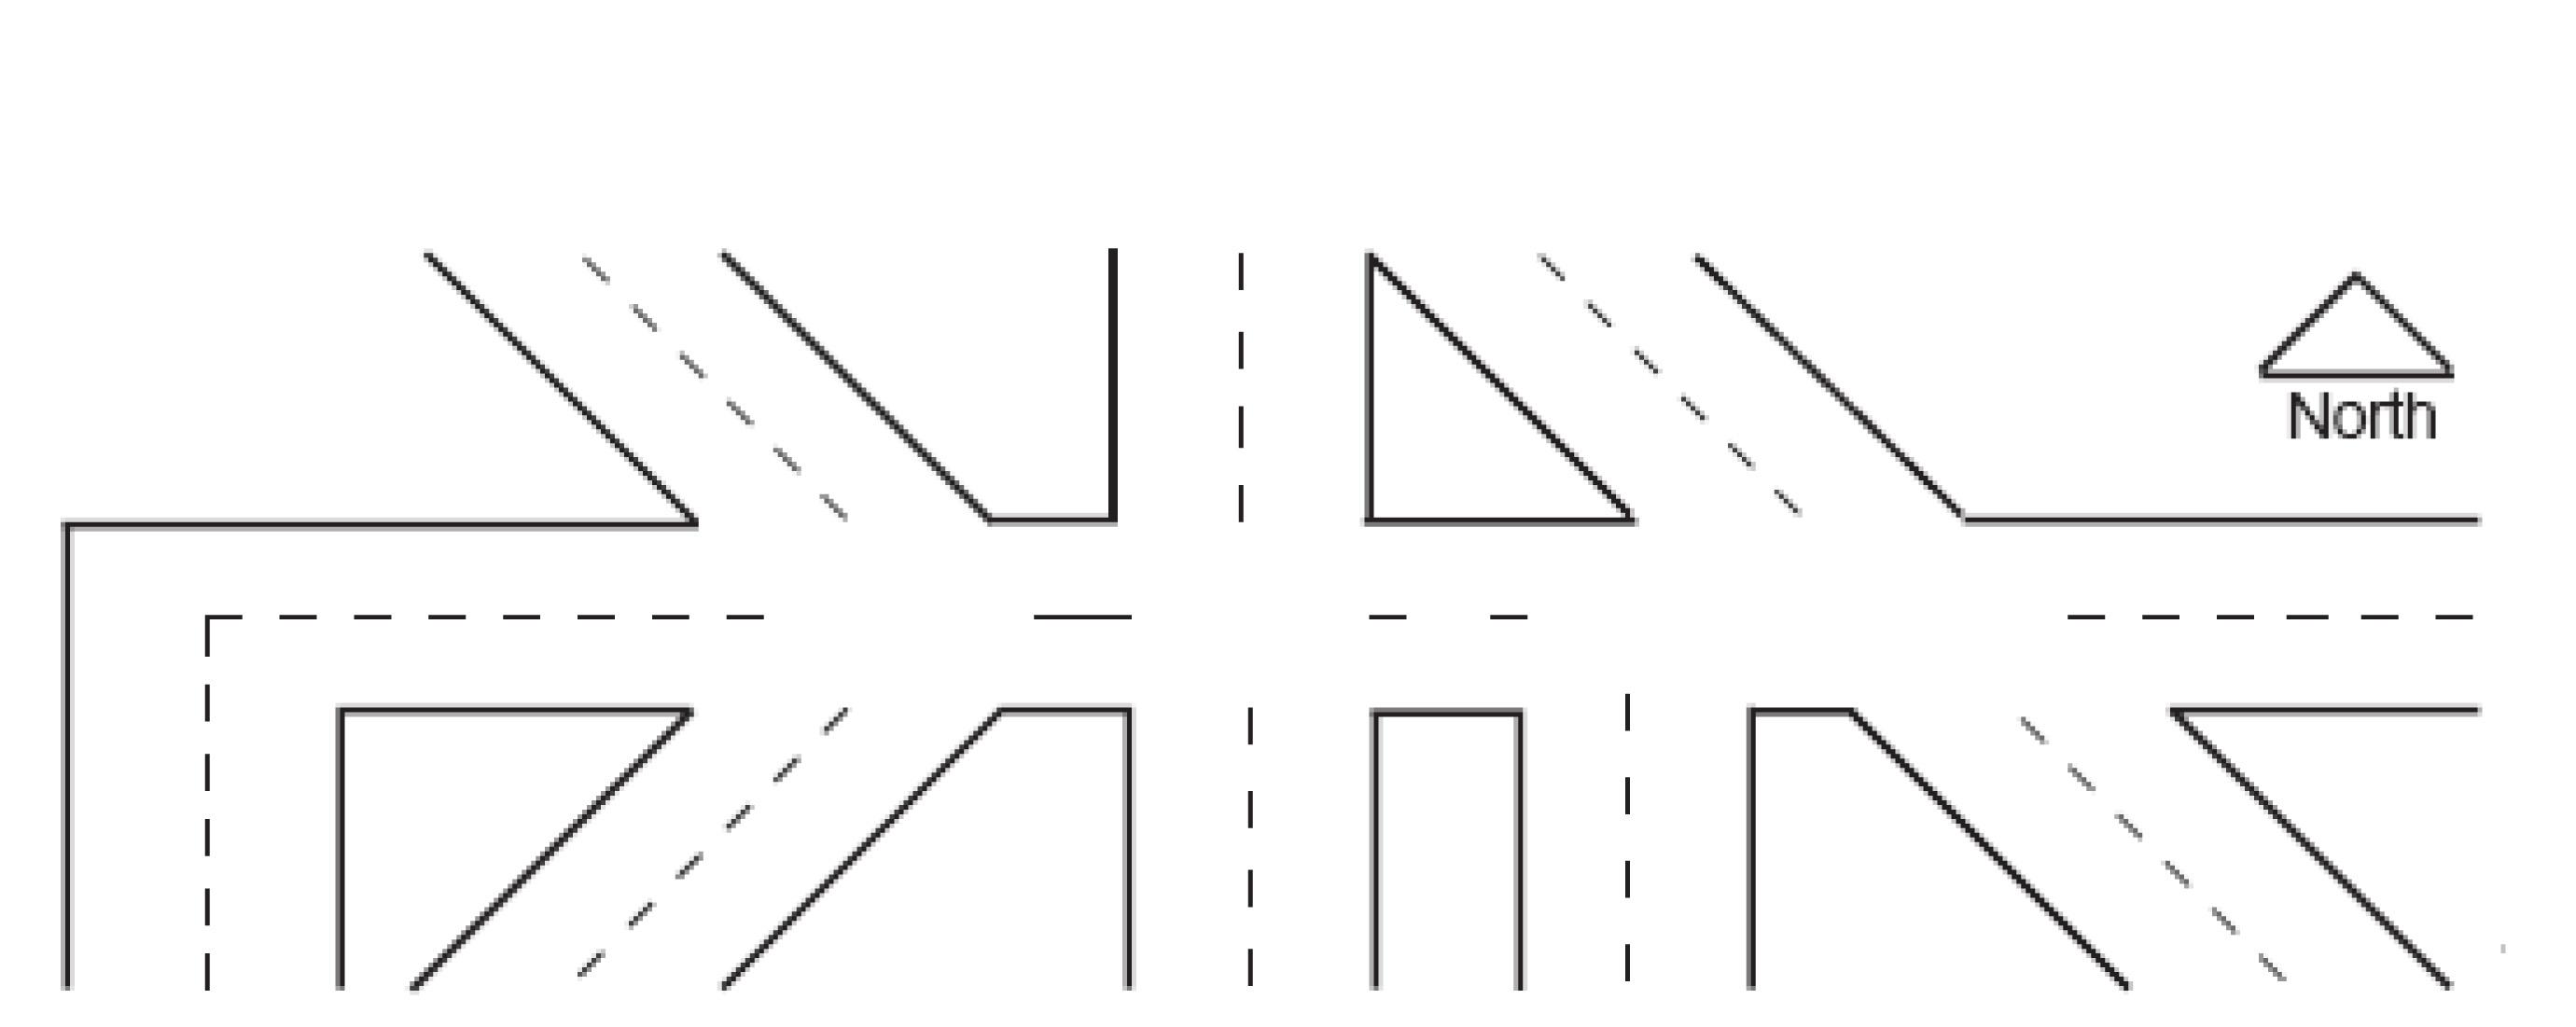 100 vehicle accident diagram templates u2013 yasminroohivehicle accident diagram templates [ 2761 x 1101 Pixel ]